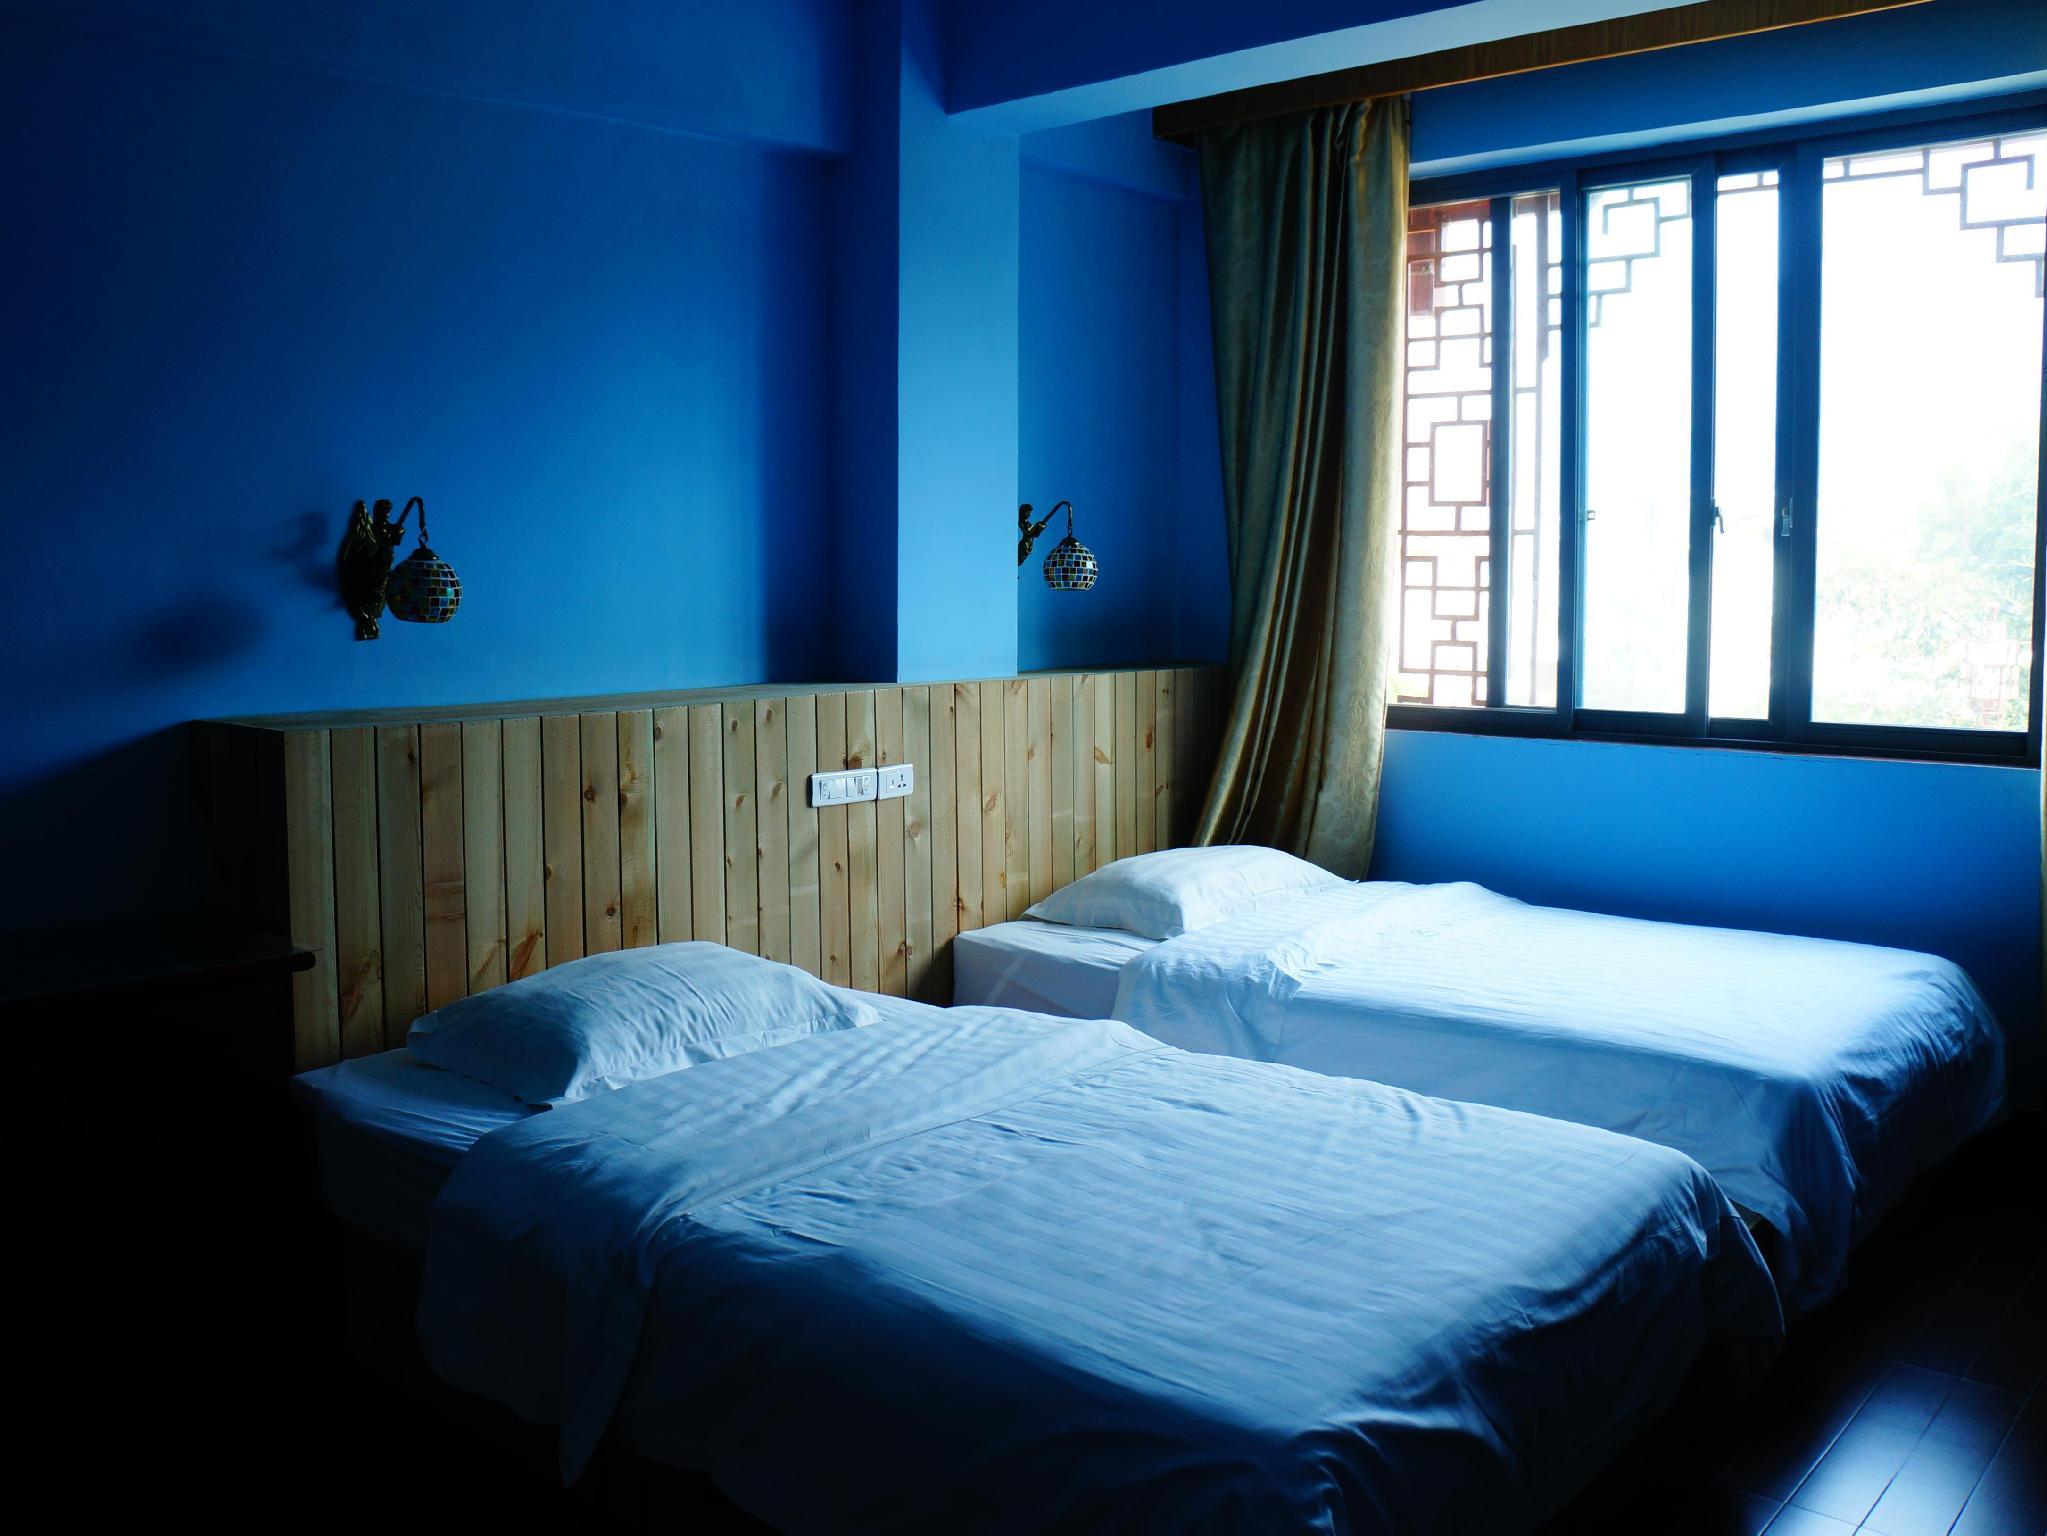 Yangshuo Wen Wu Xuan Hotel - Yangshuo